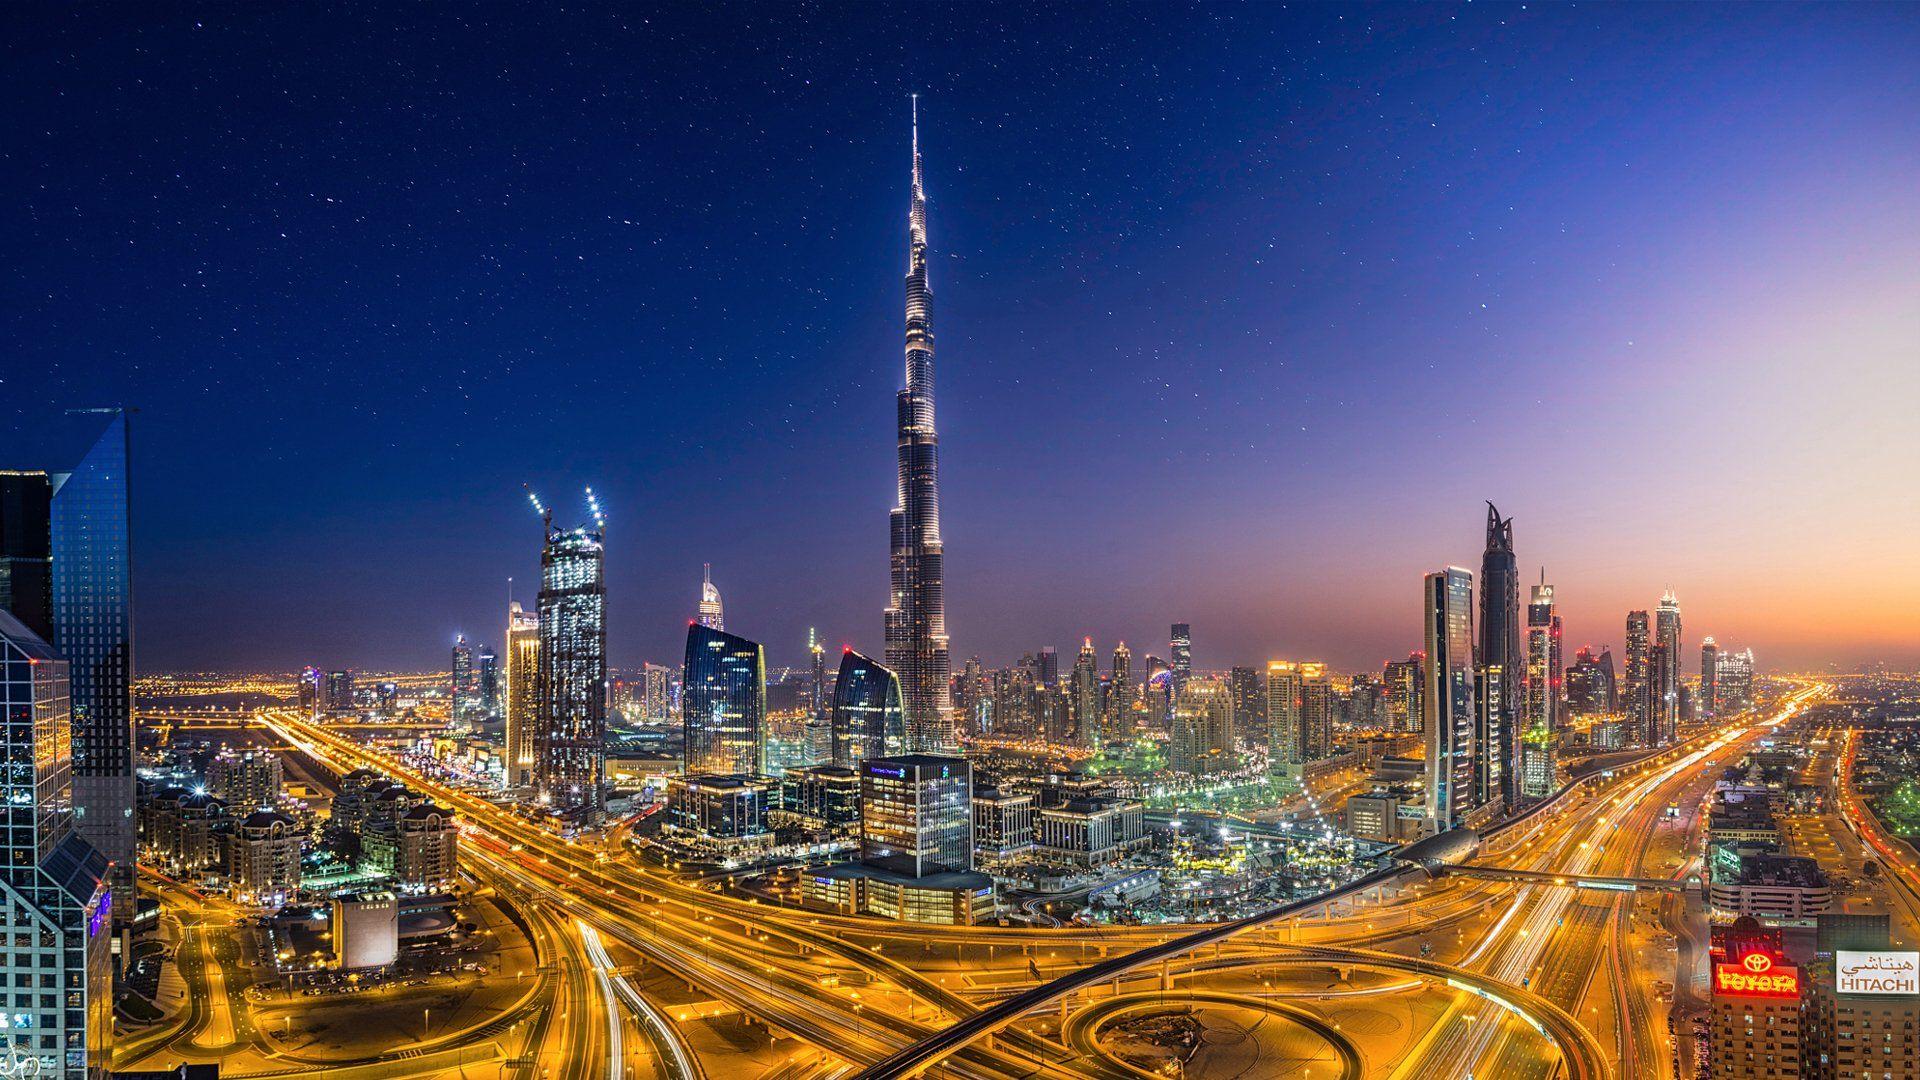 Motorimport importation vehicule dubai importer un vehicule a dubai import auto motorimport4 - Top 5 des attractions à voir à Dubaï en voiture des émirats